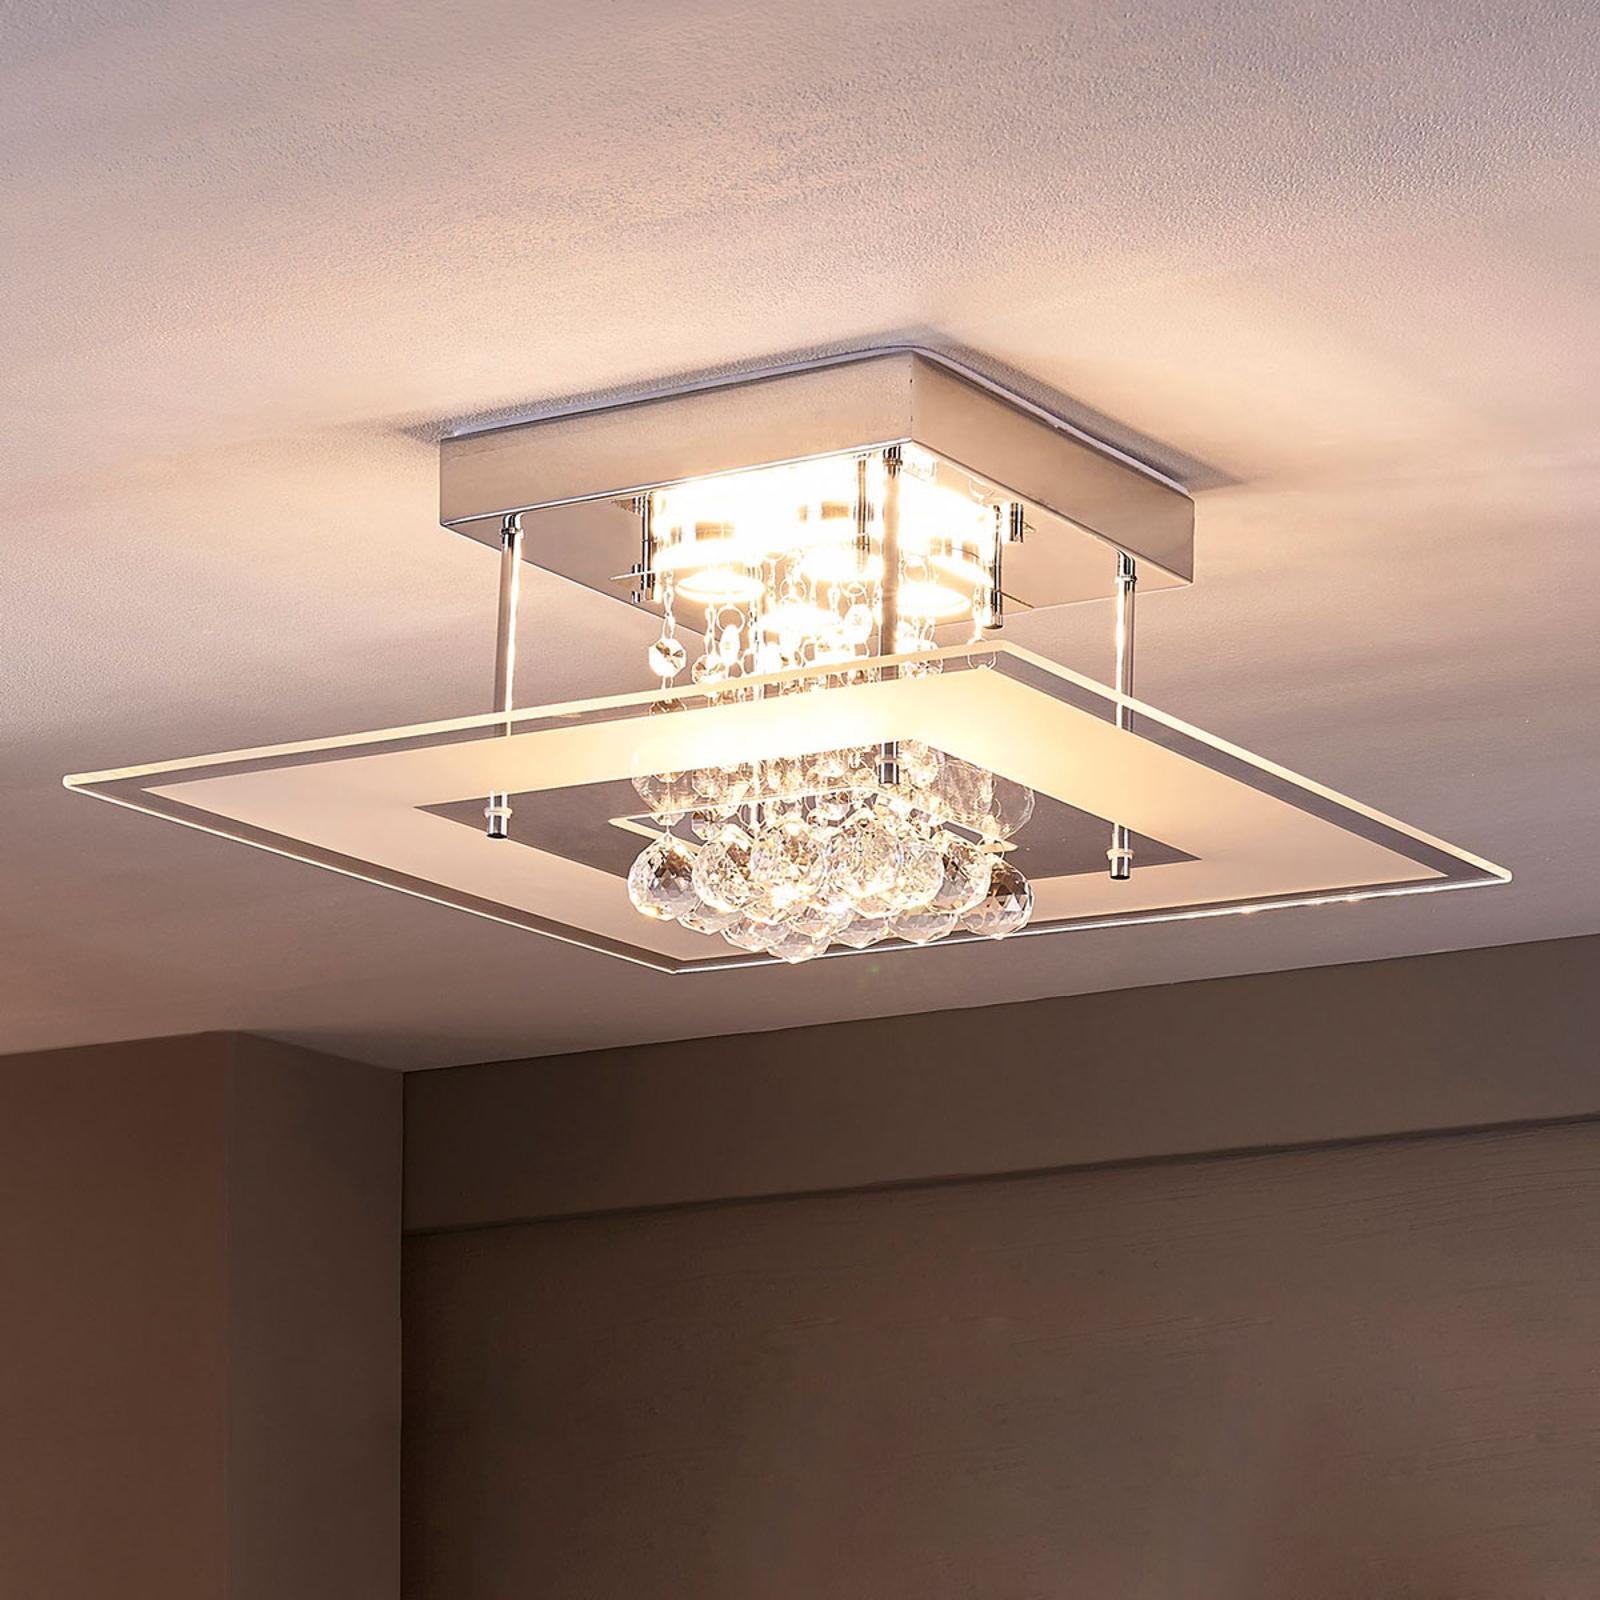 LED-Deckenleuchte Lisandra IP44